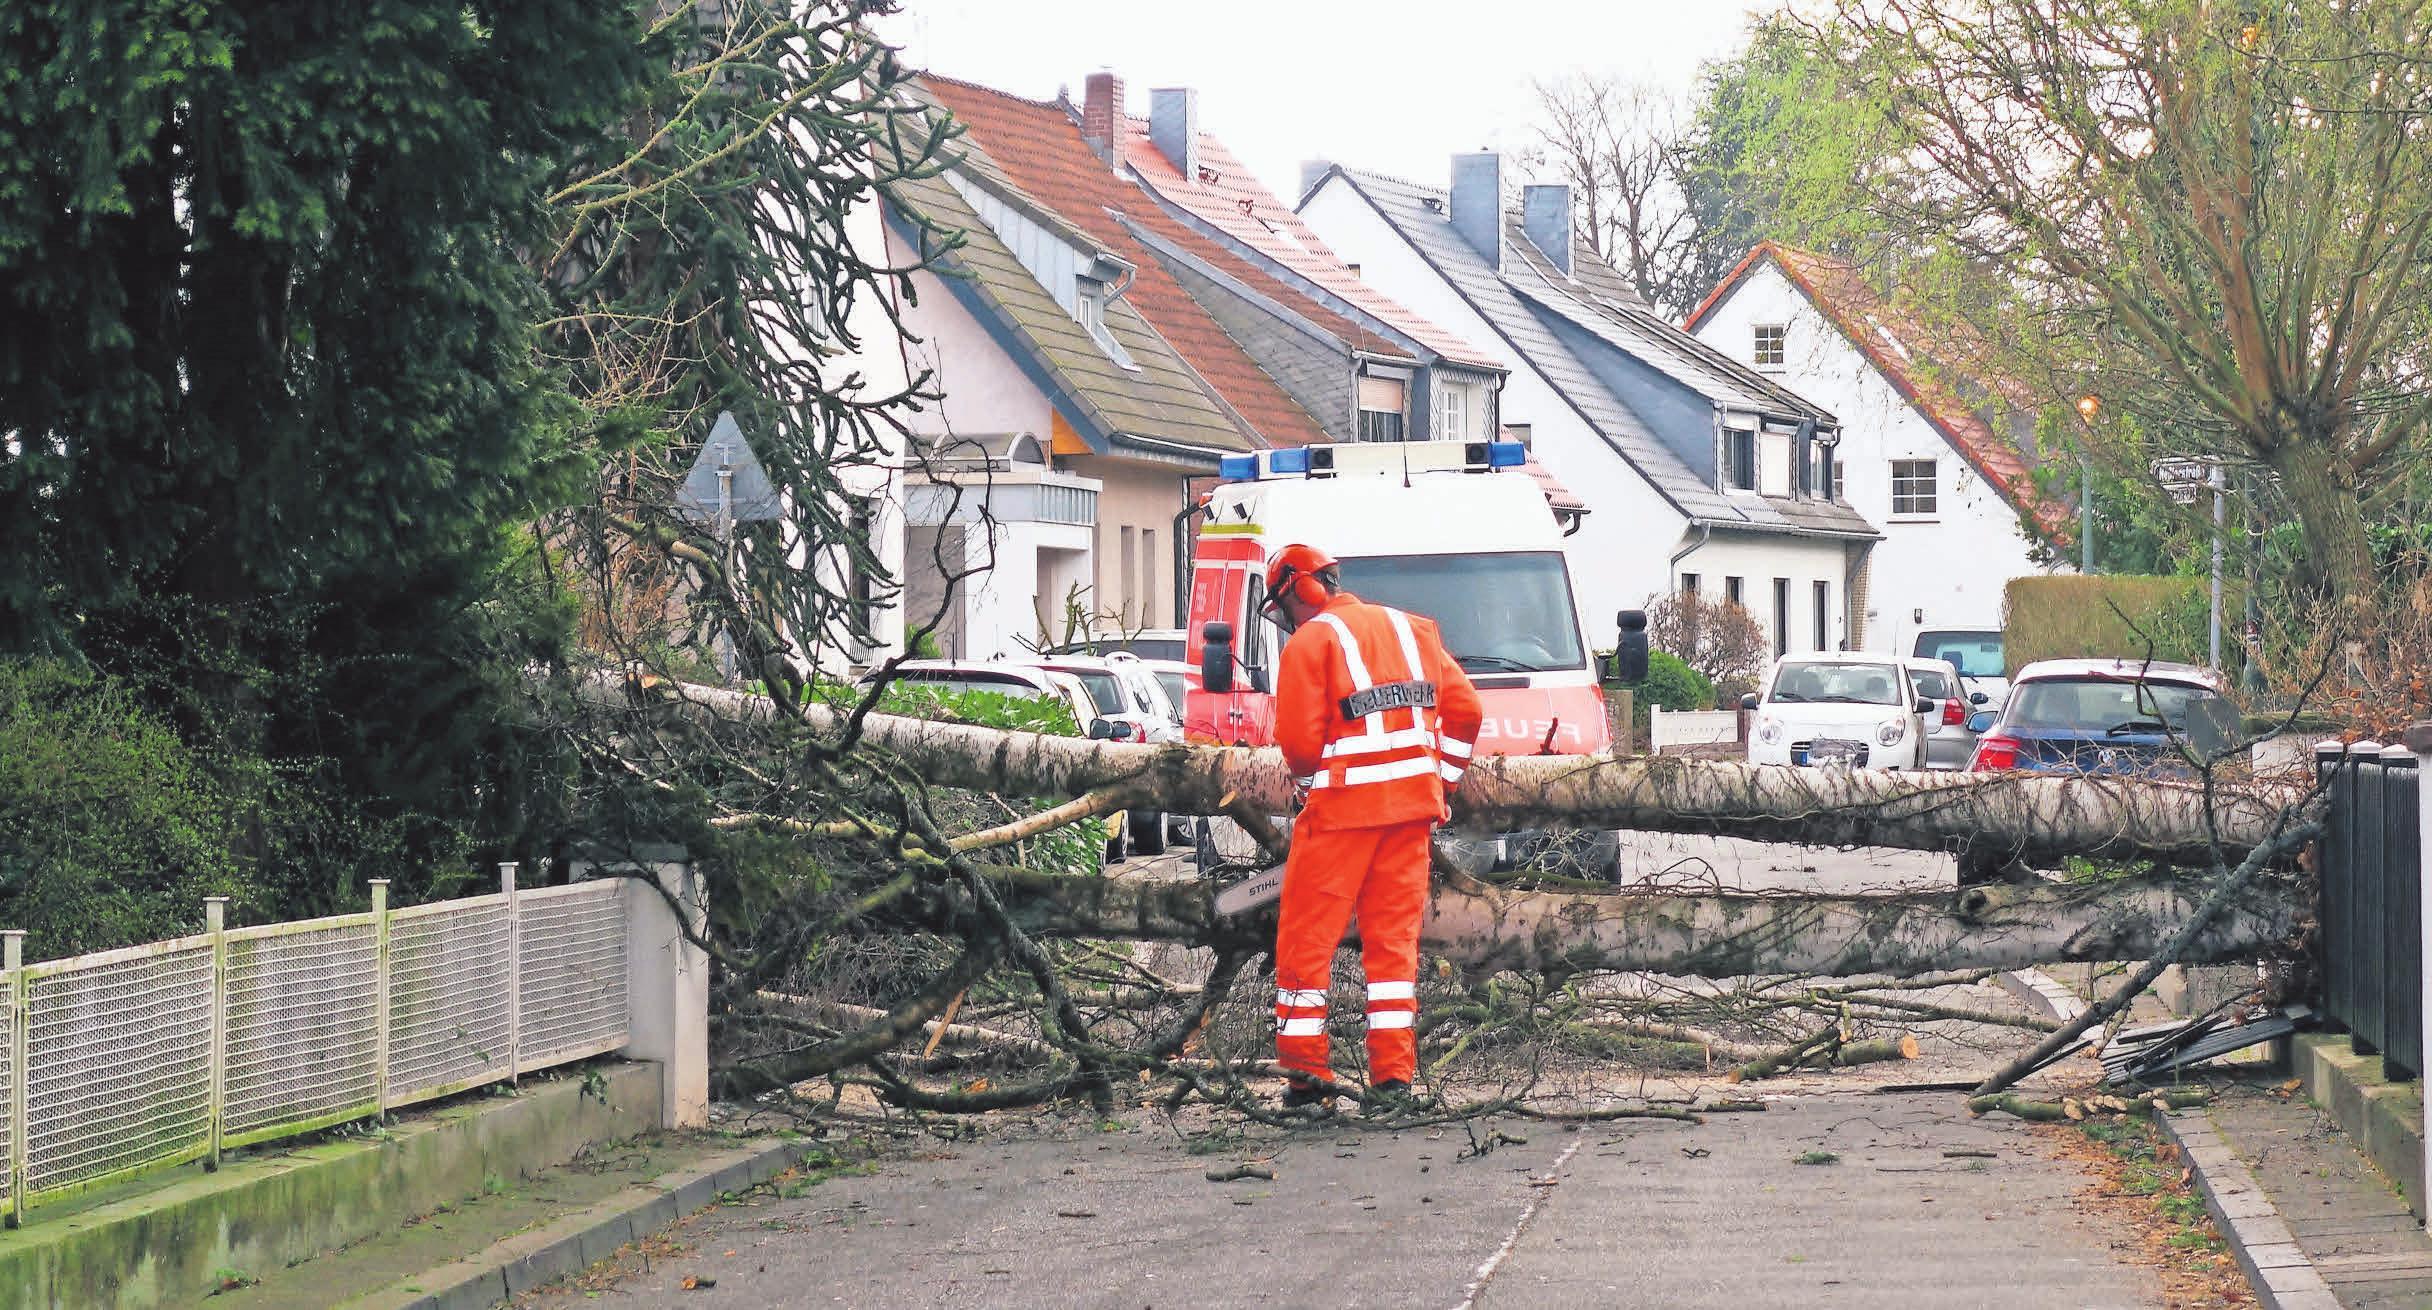 Haus und Grundstück müssen in einem sicheren Zustand sein. Daher sollten auch regelmäßig alle Bäume auf dem Grundstück überprüft werden. Foto: dpp Autoreporter